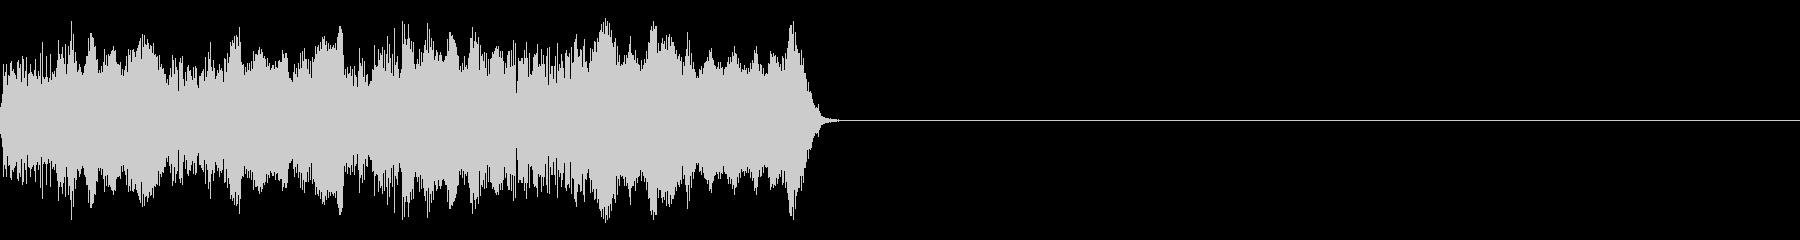 コックピットなどの細かい電子音_04の未再生の波形